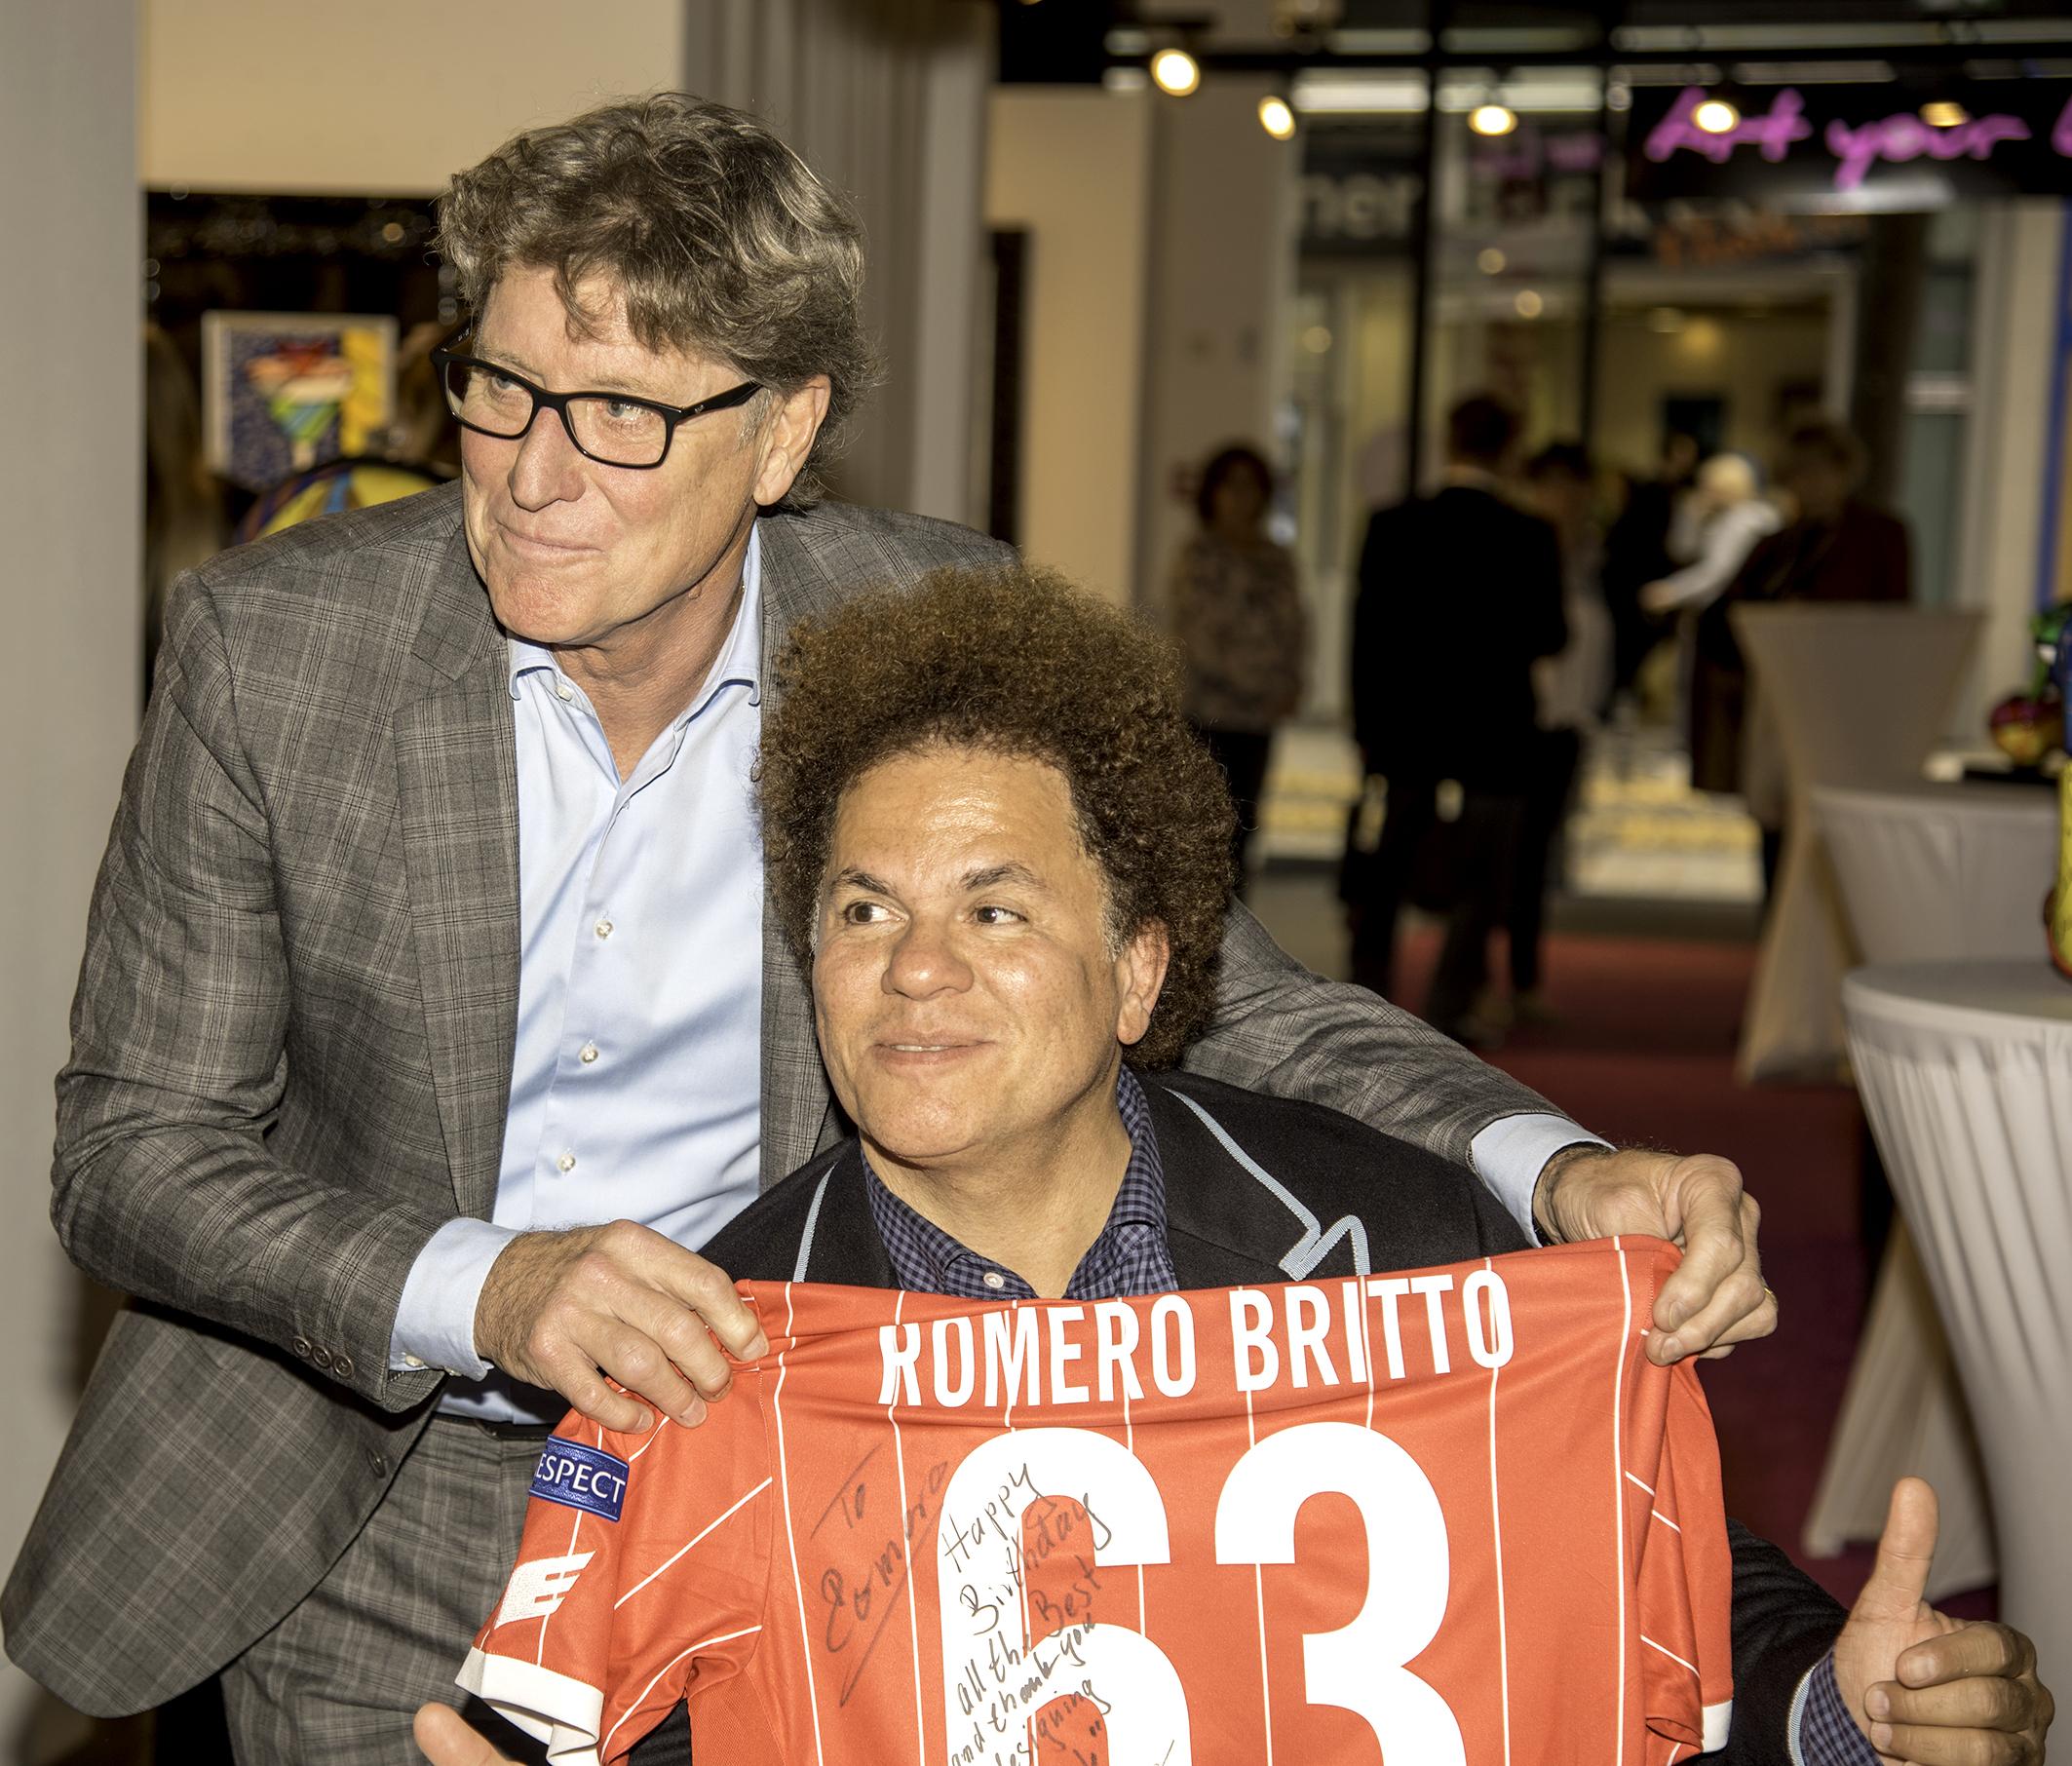 Romero Britto mit Toni Schumacher